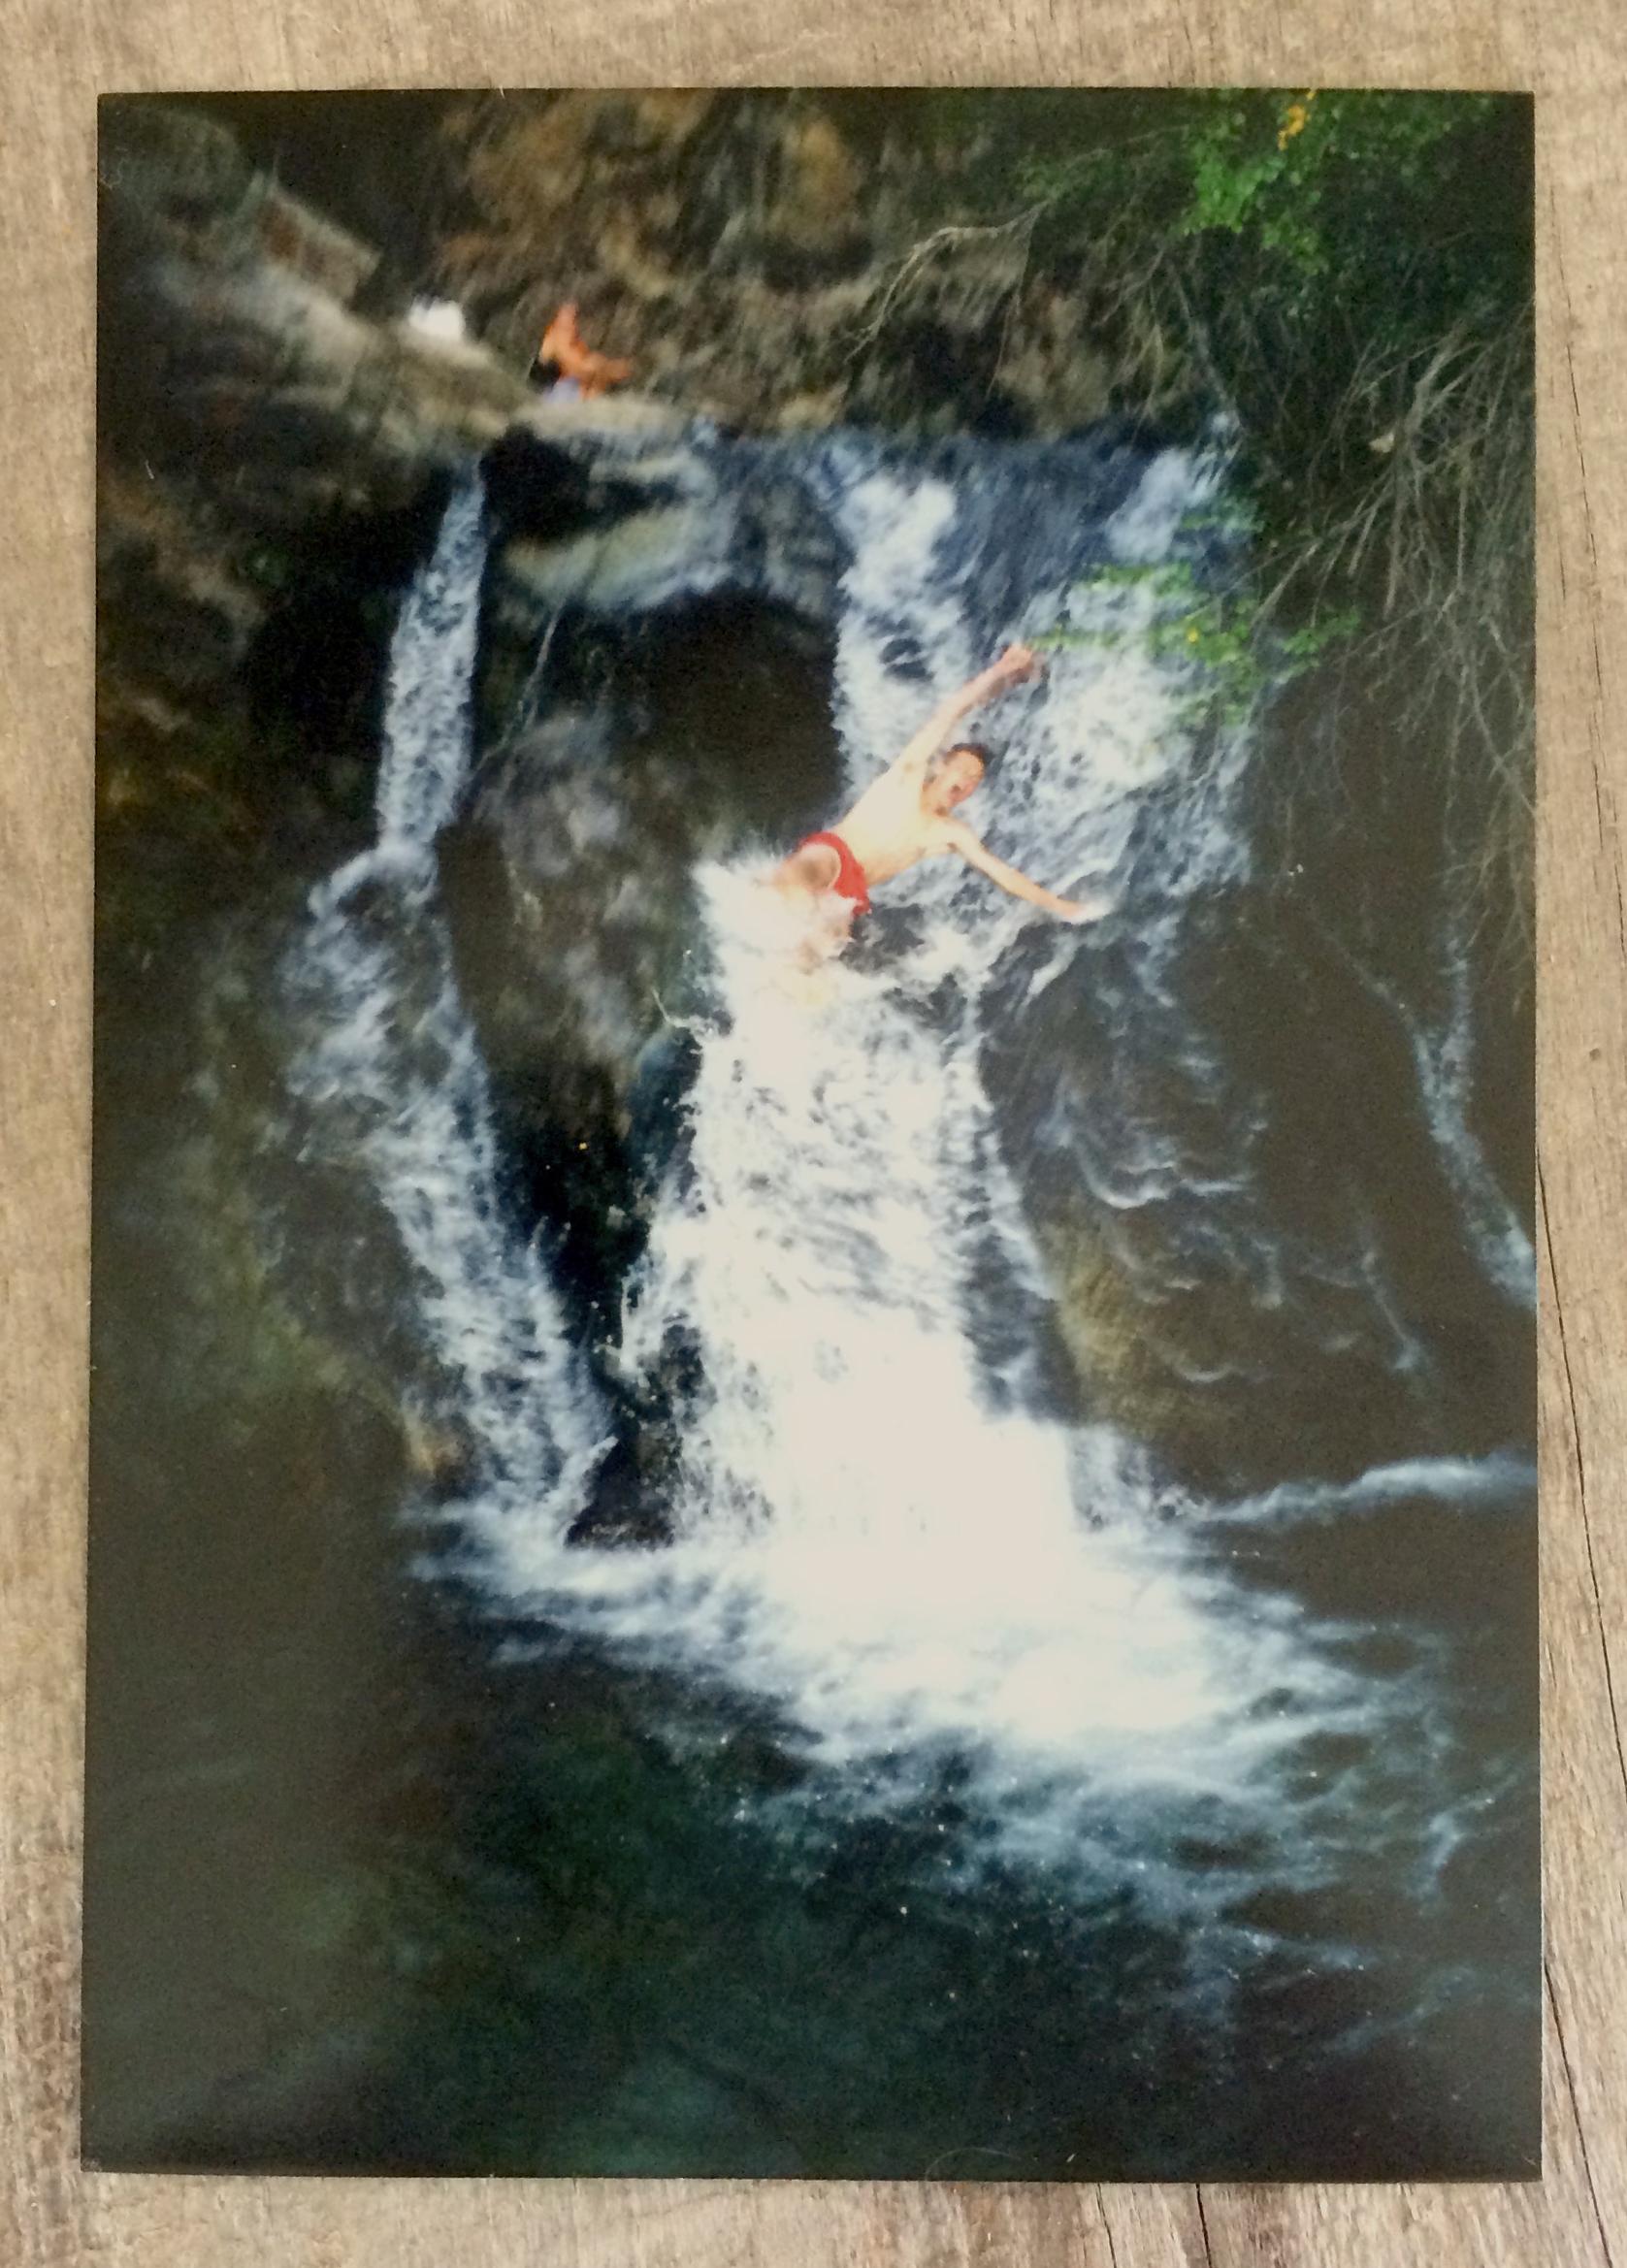 alpine-utah-water-slide